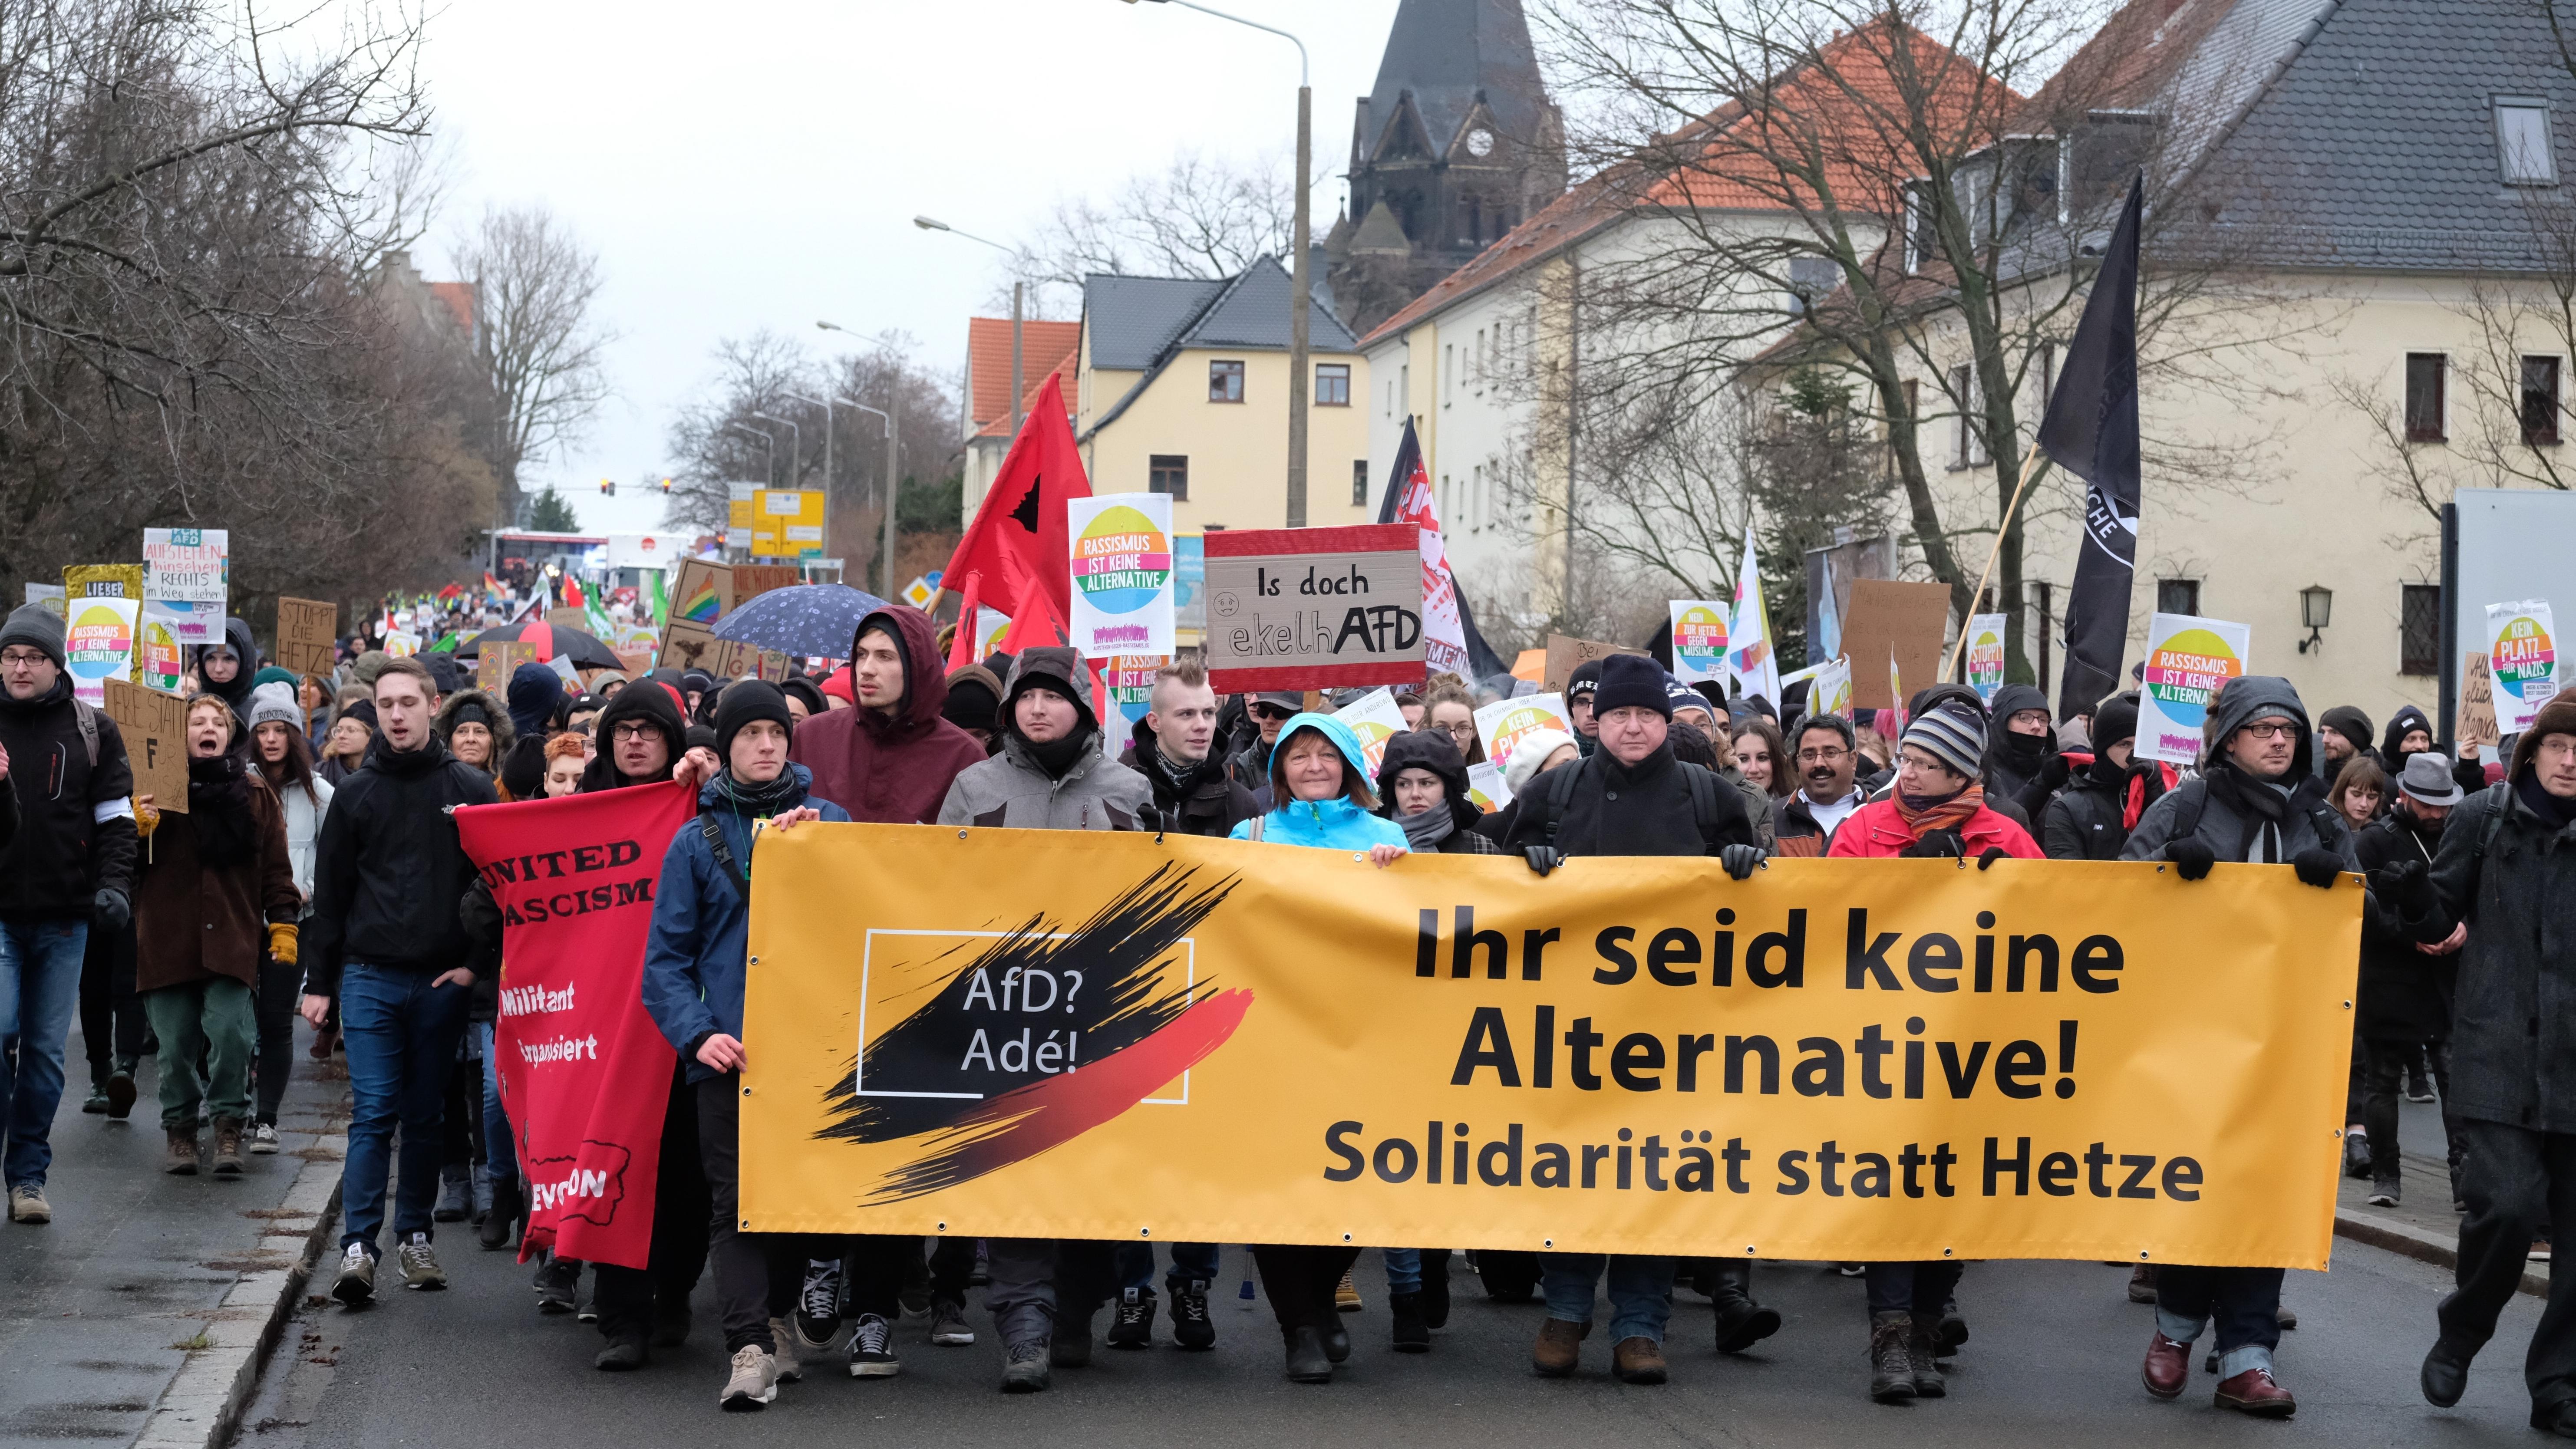 AfD-Gegner demonstrieren in Riesa